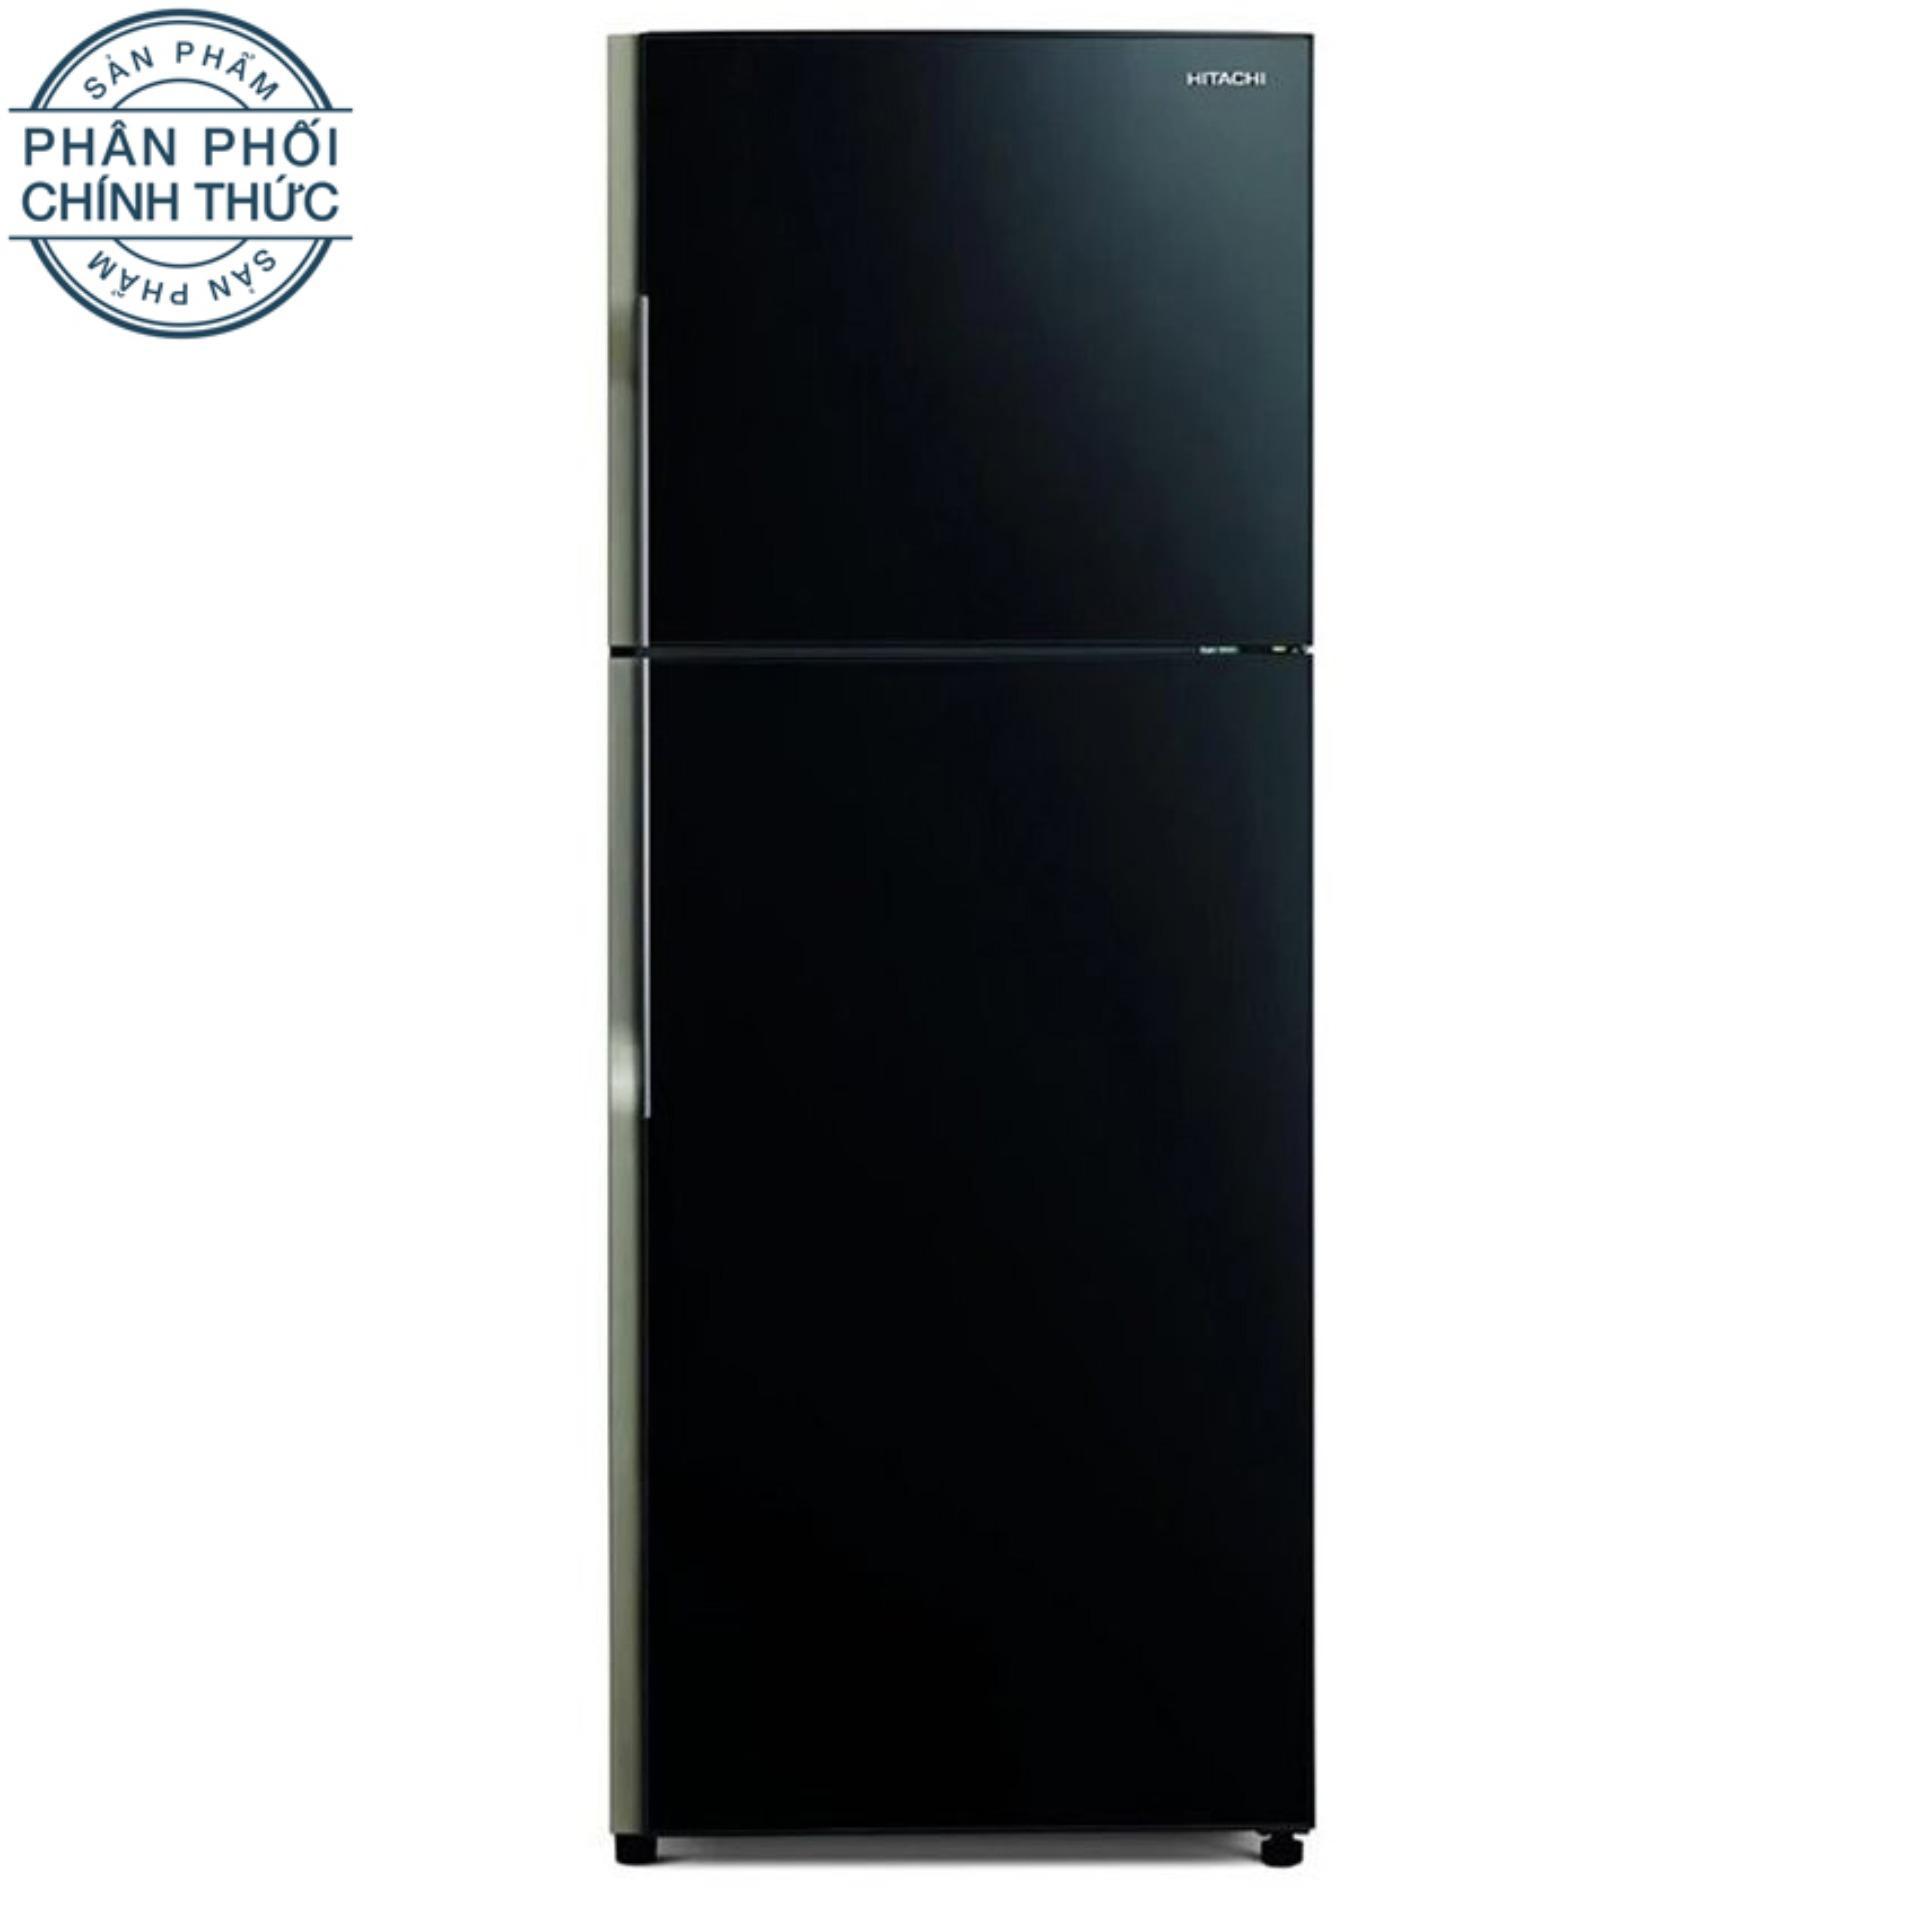 Bán Tủ Lạnh Hitachi R Vg470Pgv3 Gbk 395L 2 Cửa Đen Rẻ